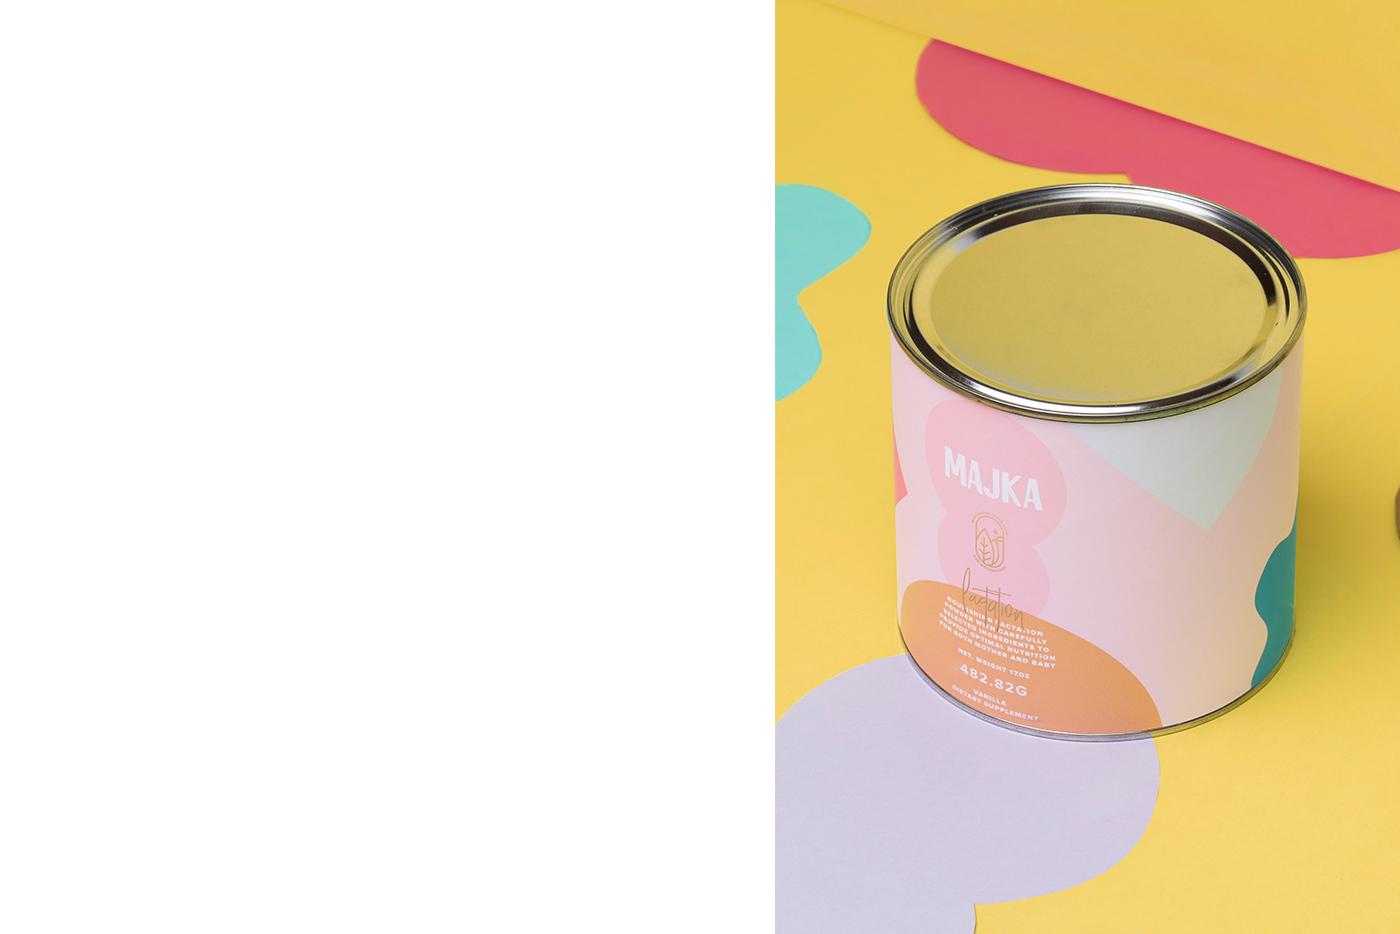 Majka 产品包装设计 欣赏-第6张